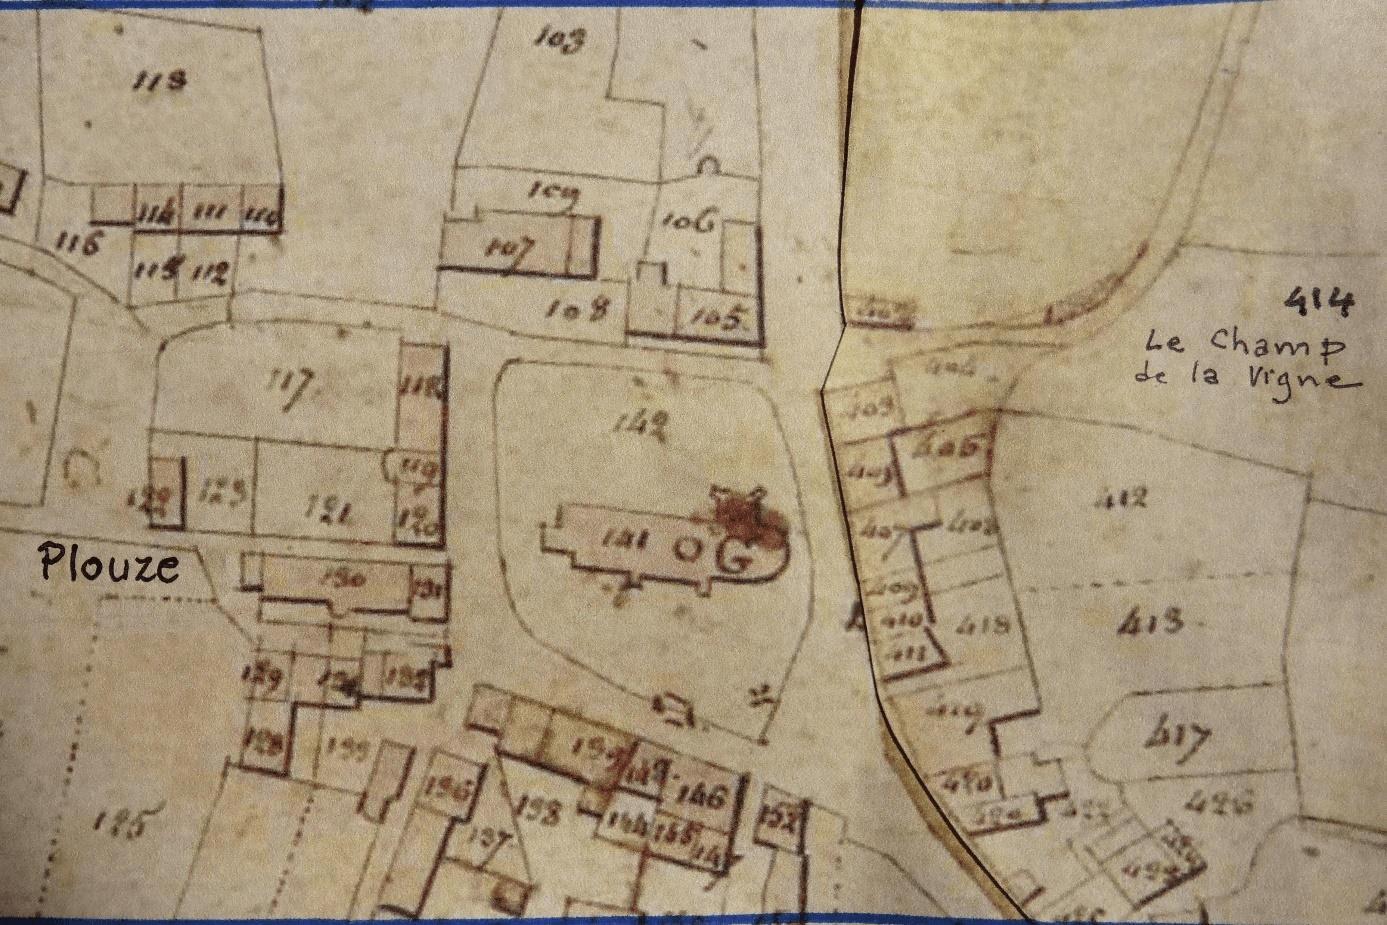 Extrait Cadastre VERN SUR SEICHE  Sections D1 et D2 du Bourg.